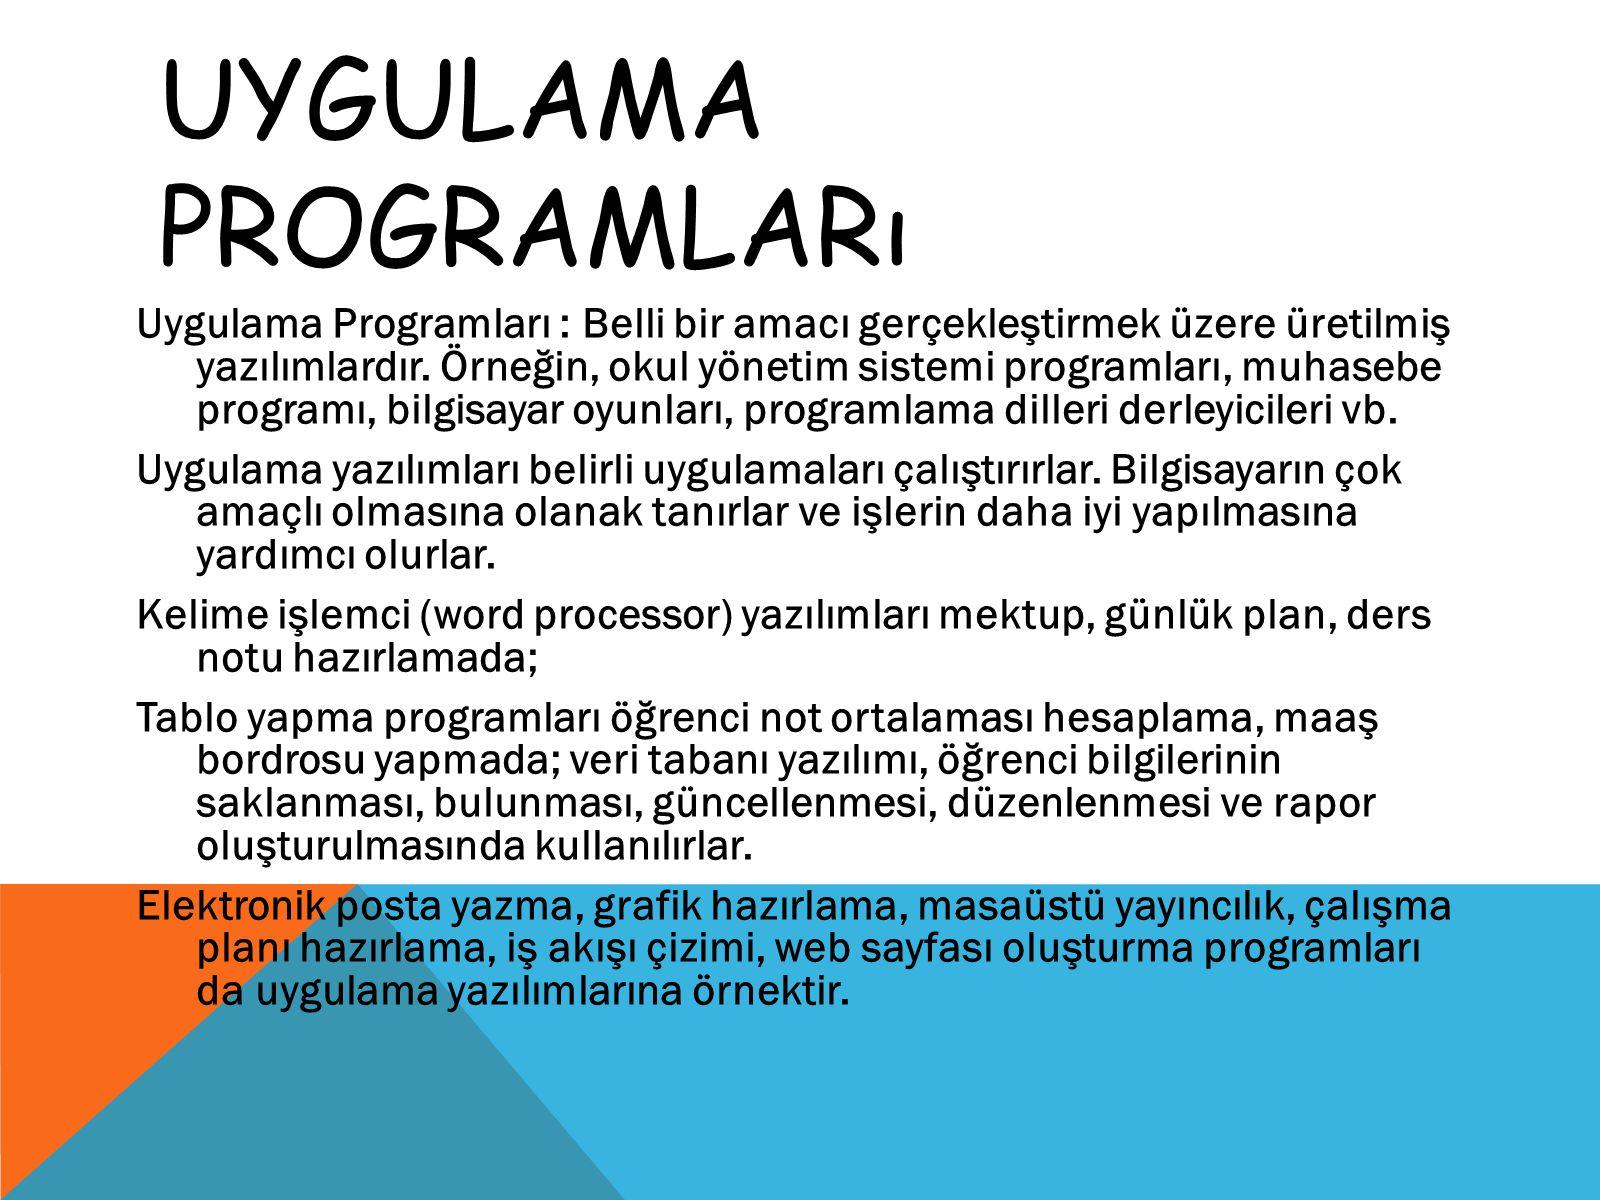 UYGULAMA PROGRAMLARı Uygulama Programları : Belli bir amacı gerçekleştirmek üzere üretilmiş yazılımlardır. Örneğin, okul yönetim sistemi programları,